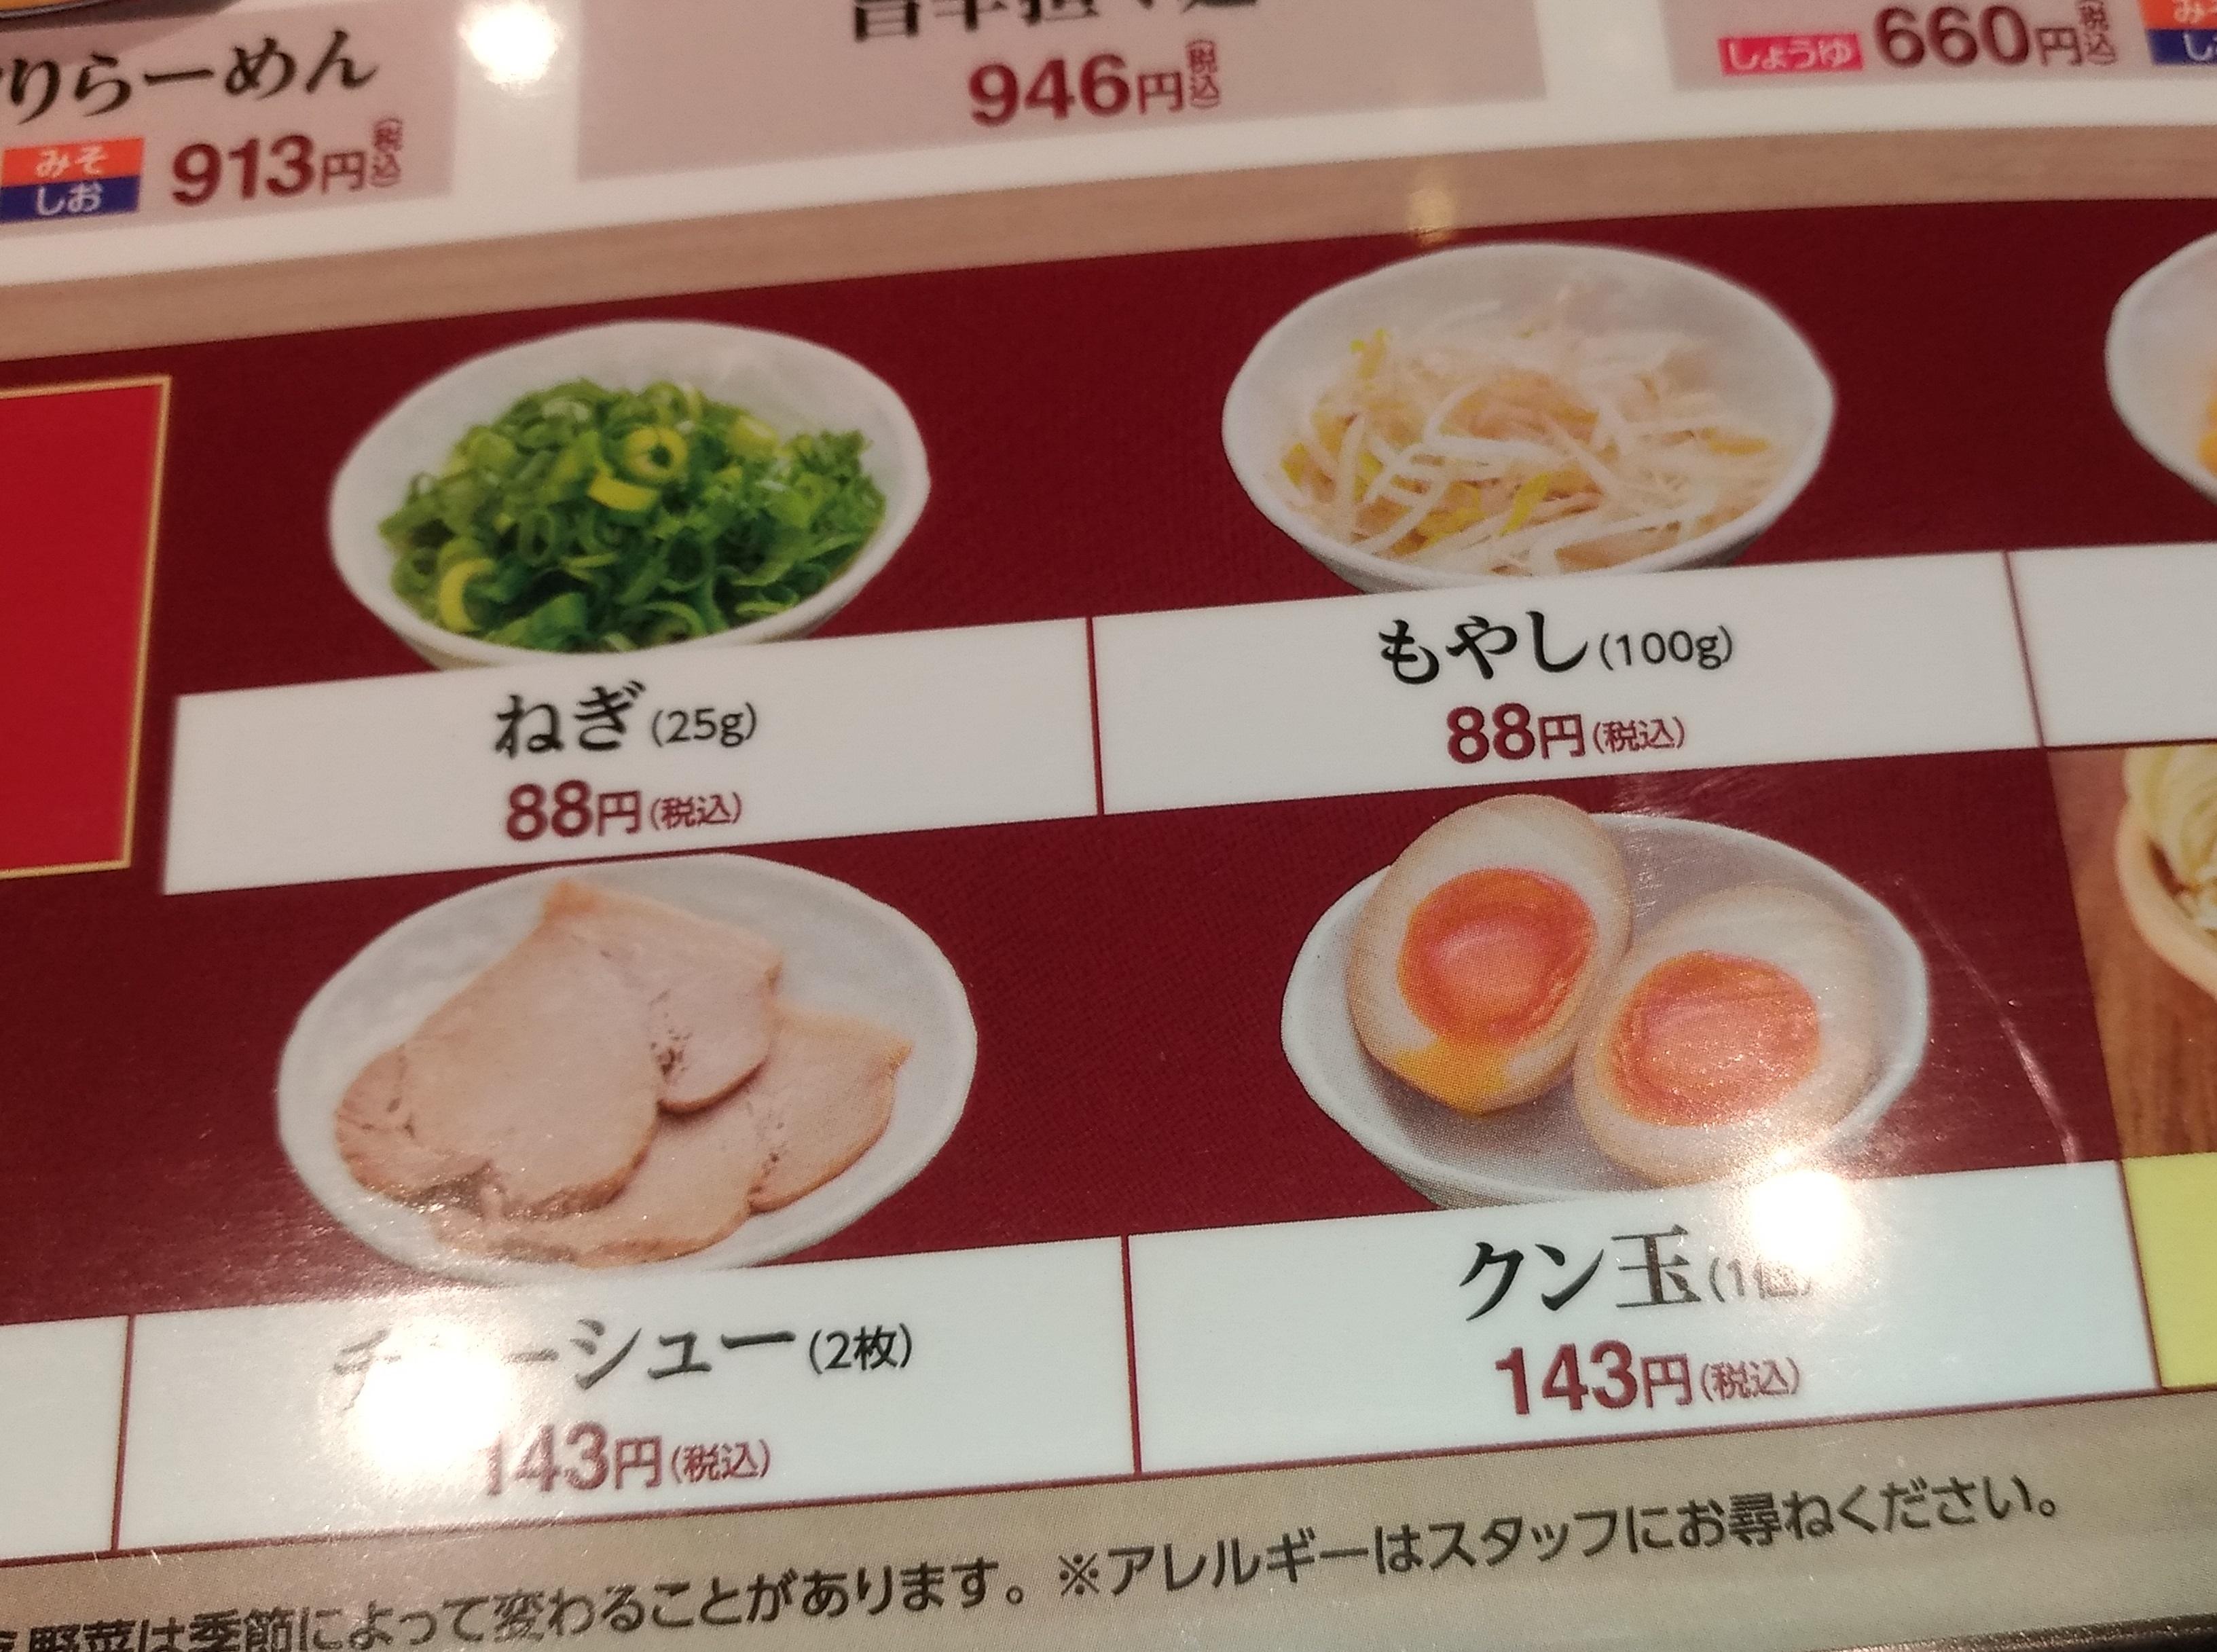 osaka_lunch_kotan_ramen_0707_4.jpg